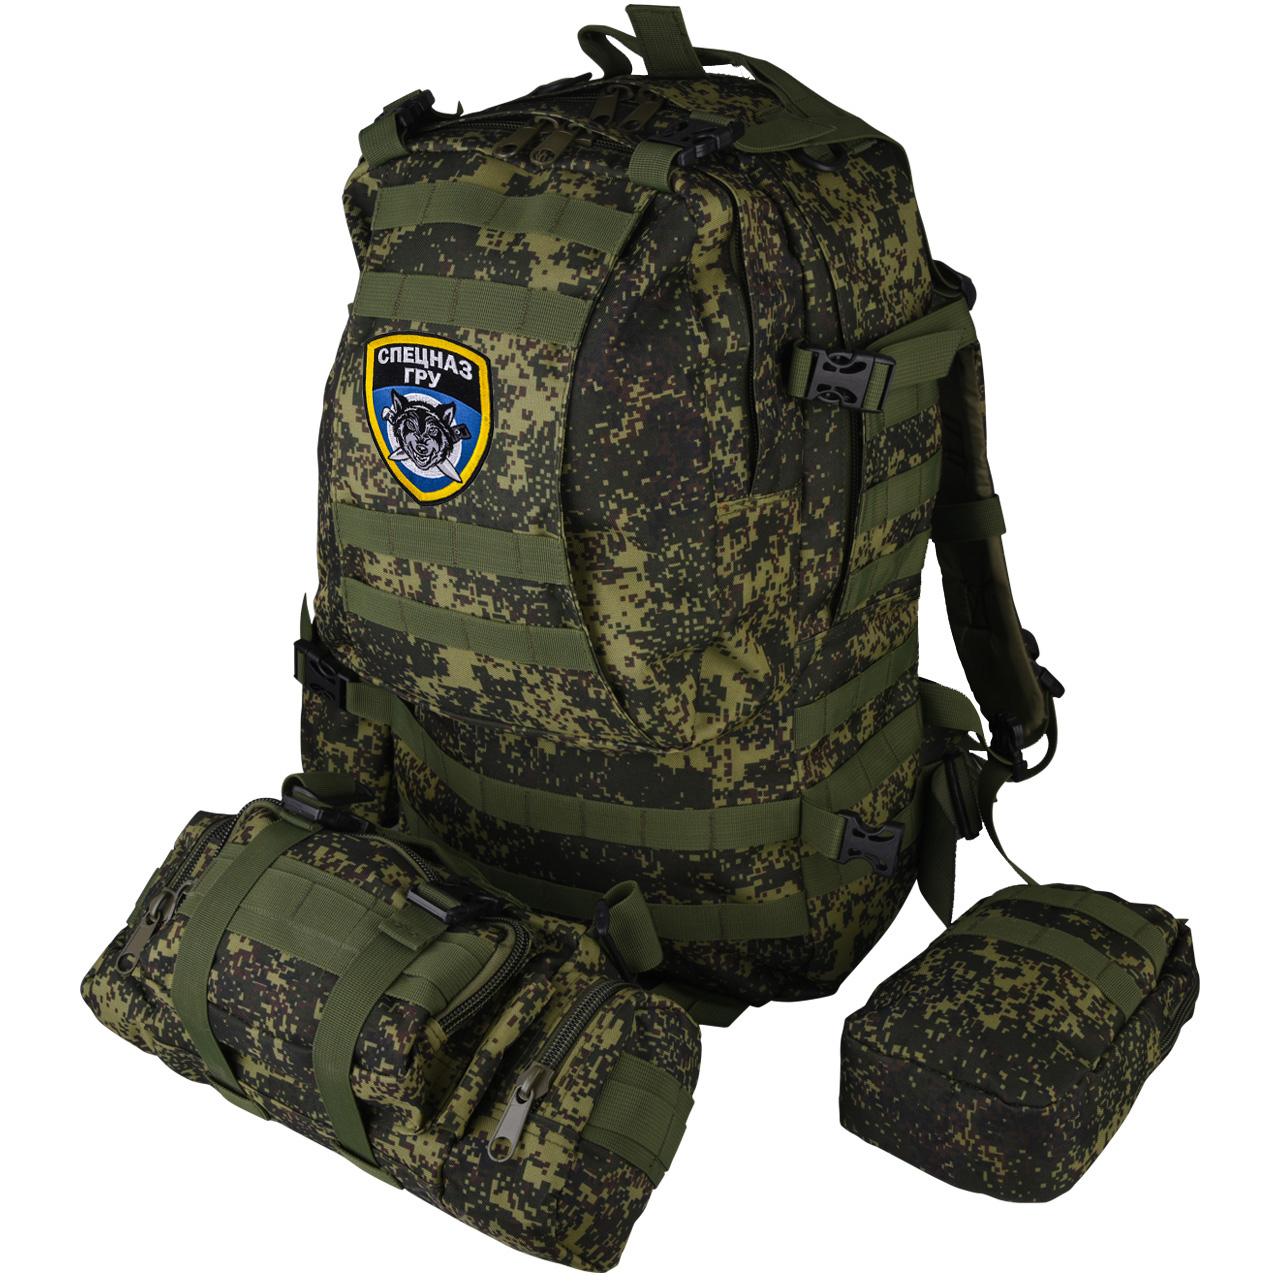 Купить камуфляжный спецназовский рюкзак ГРУ